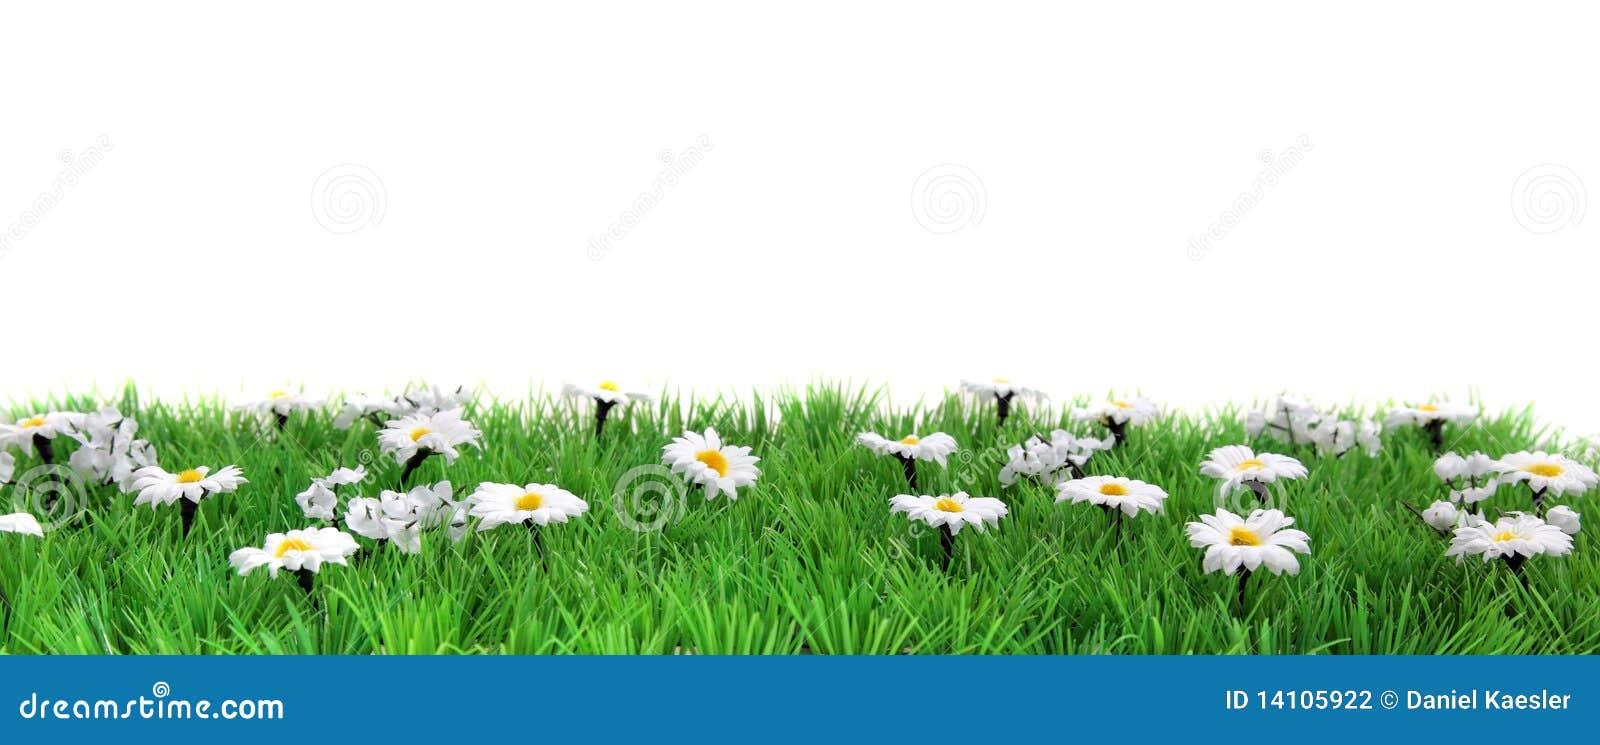 横幅花草甸